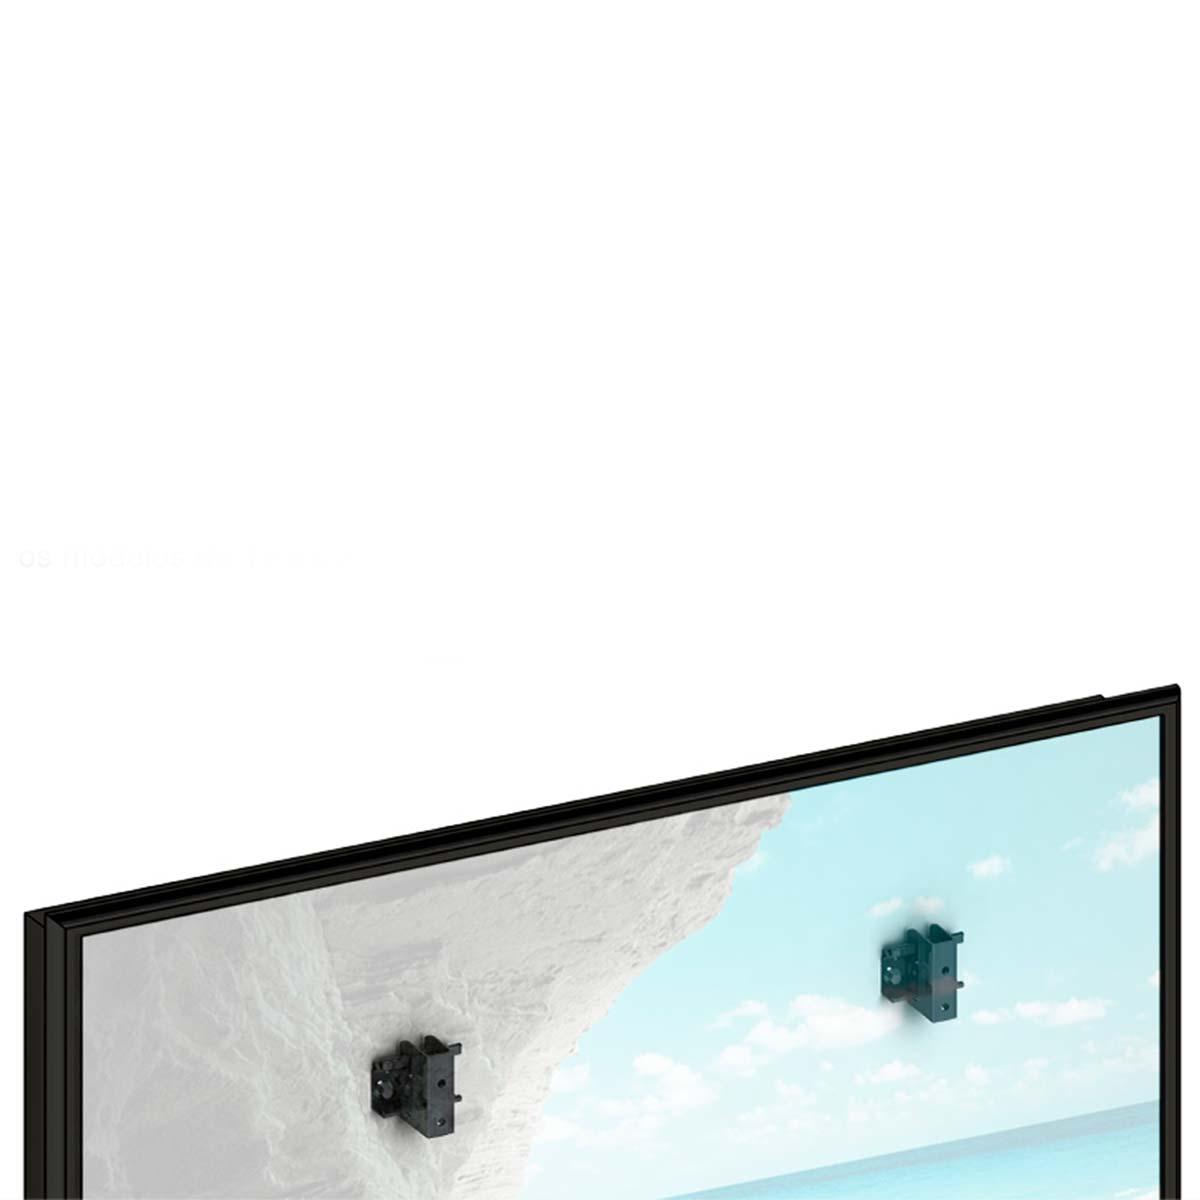 Suporte Delta para TV 14 a 85 Pol LED / LCD / PLASMA / 3D - STV 03 Aquário